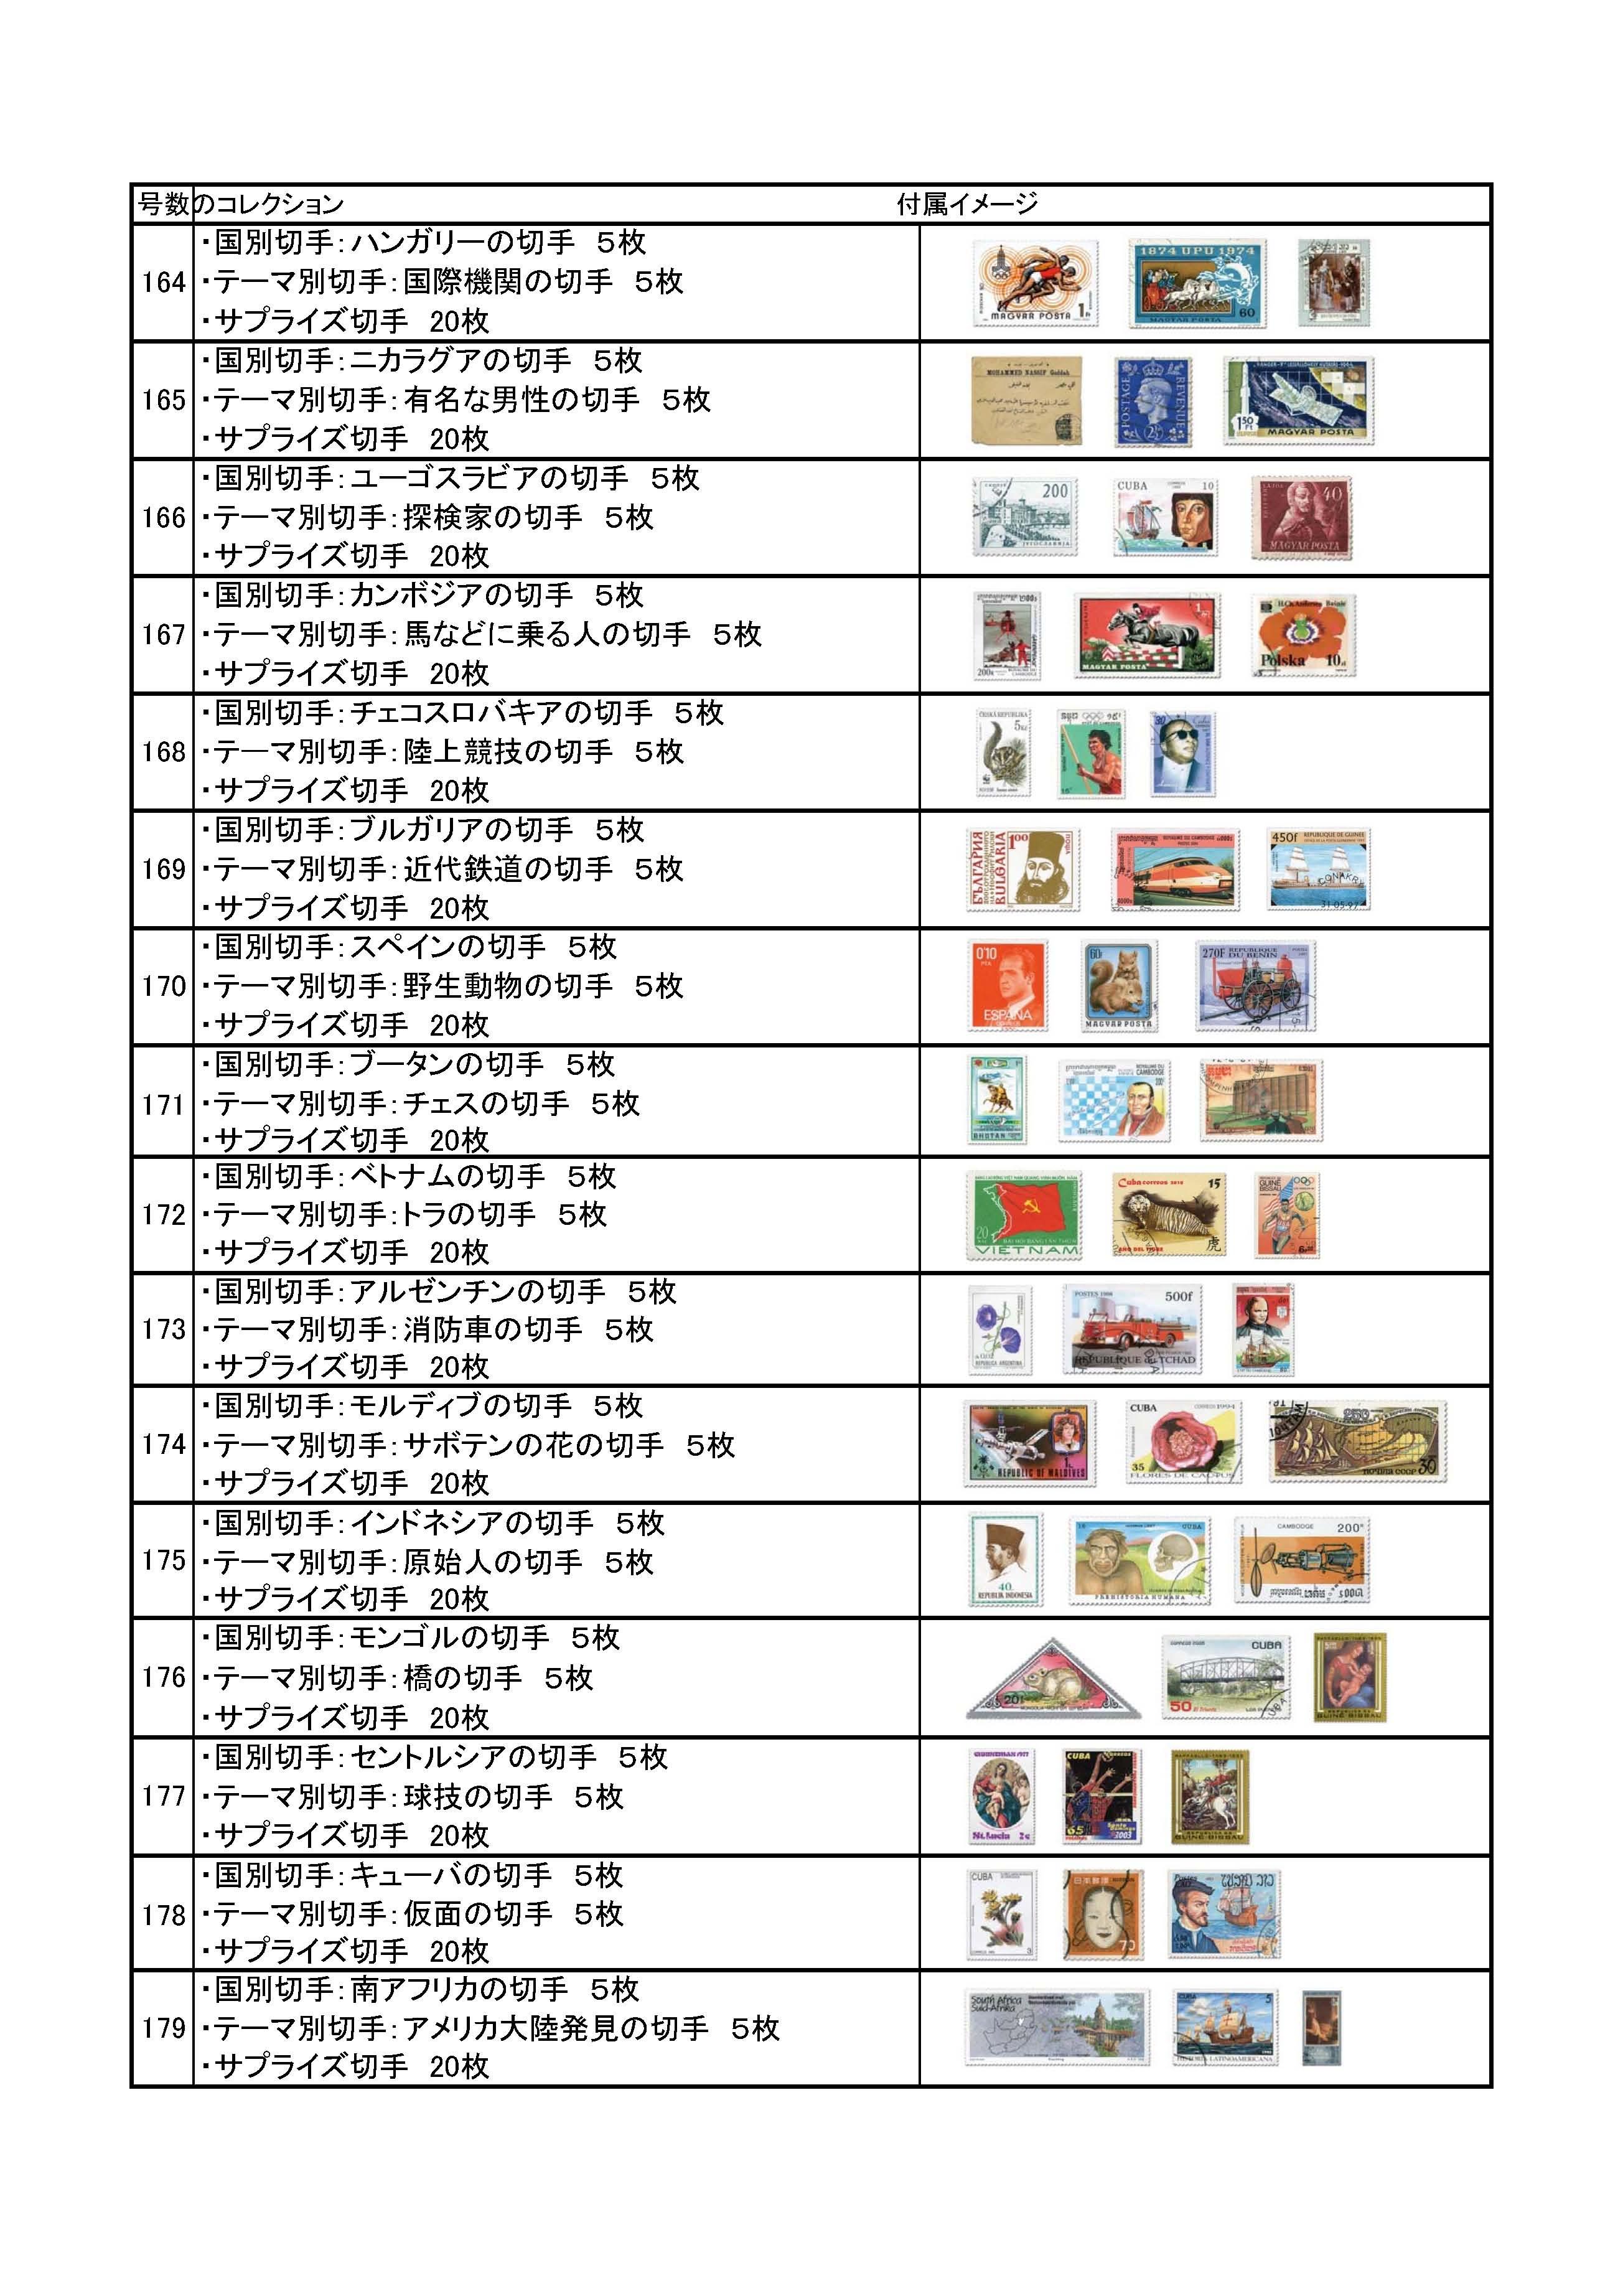 付属切手ラインナップ_20180115_ページ_12.jpg